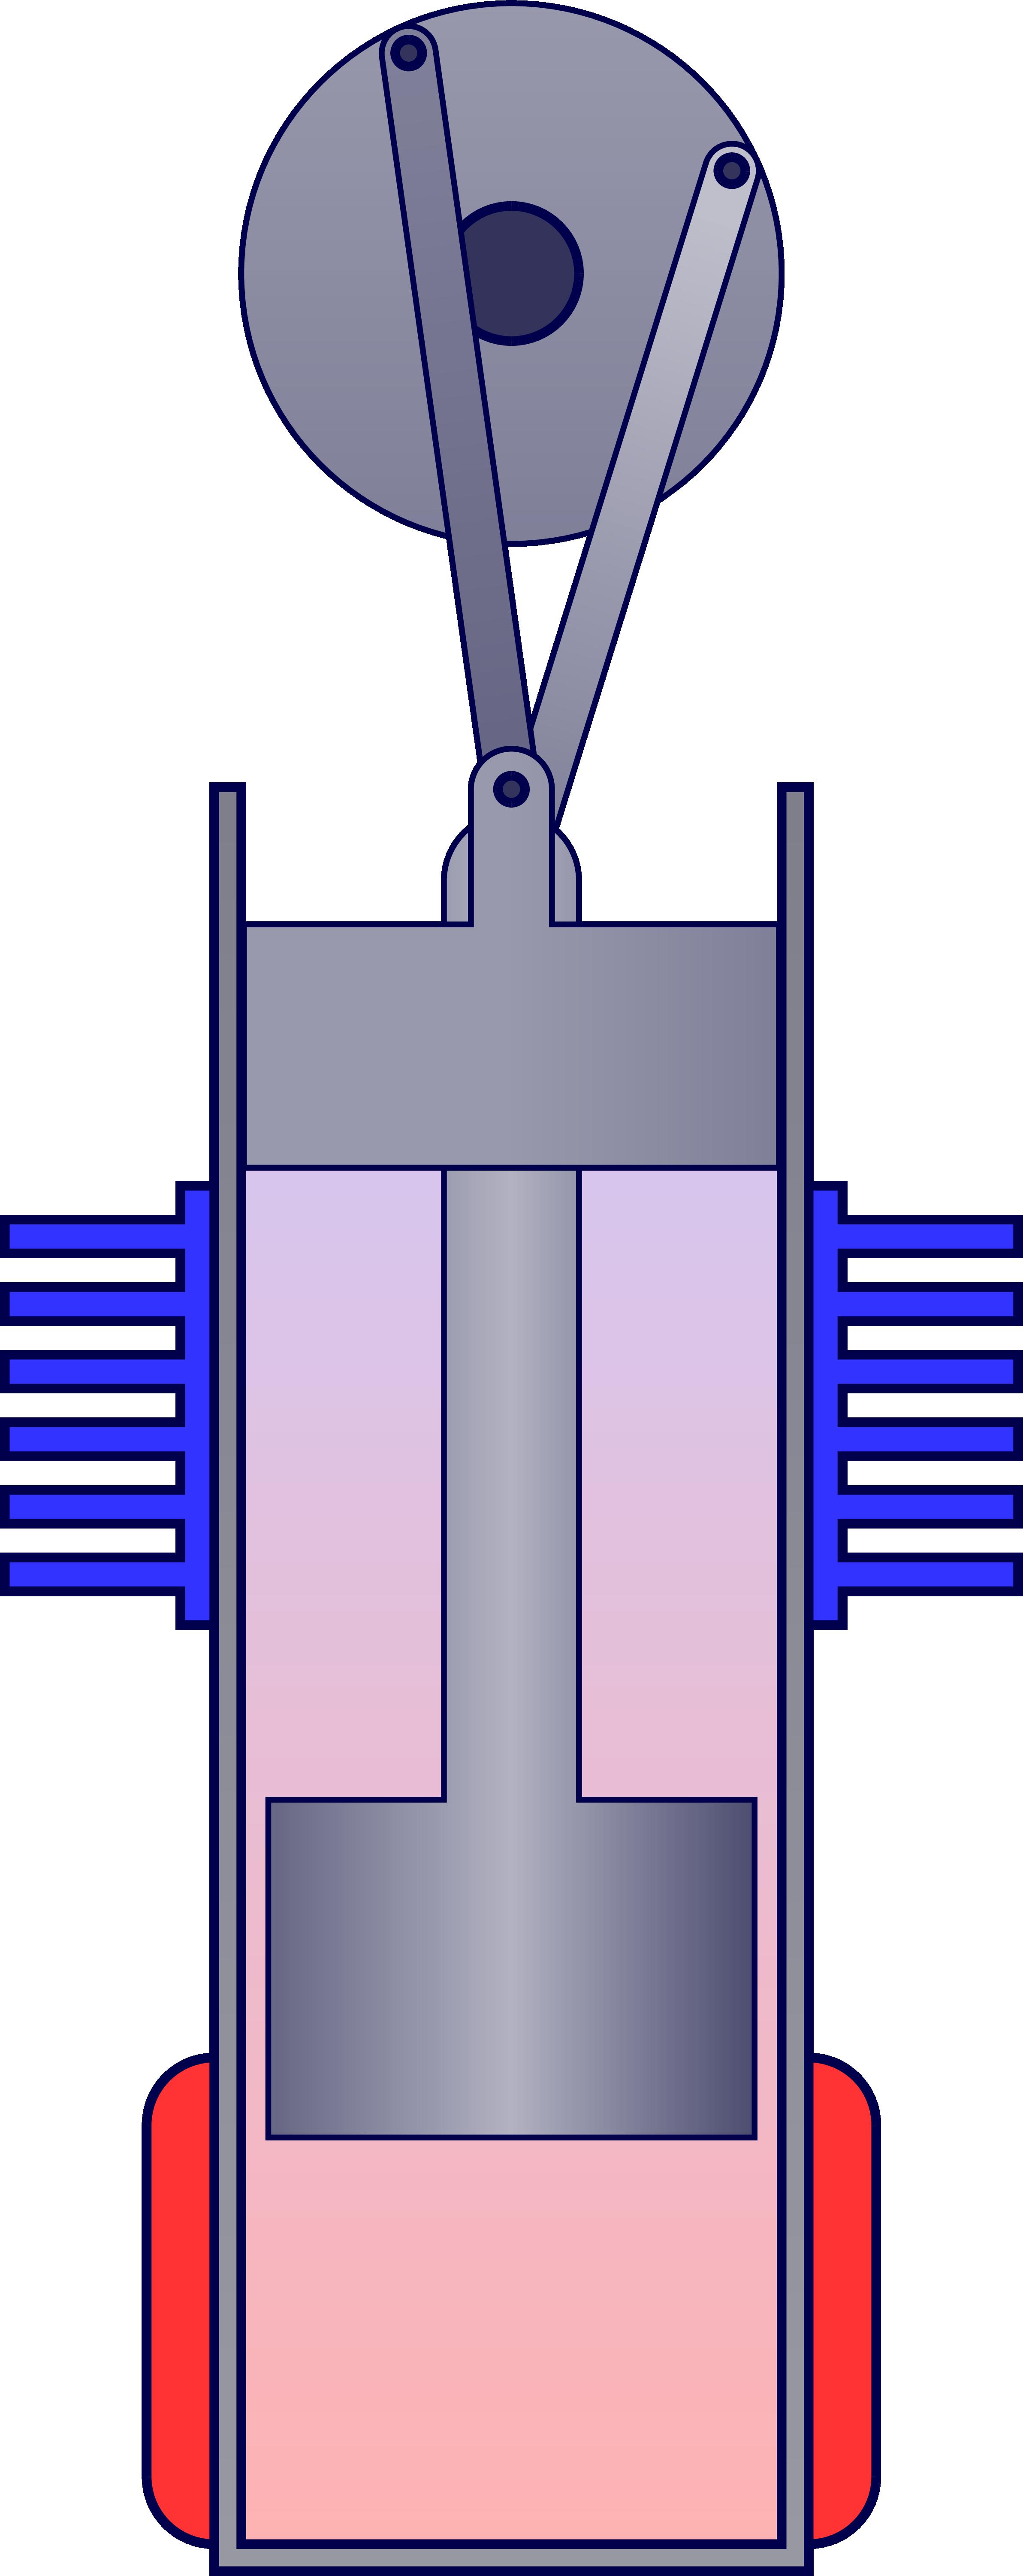 engine_stirling_beta-002.png